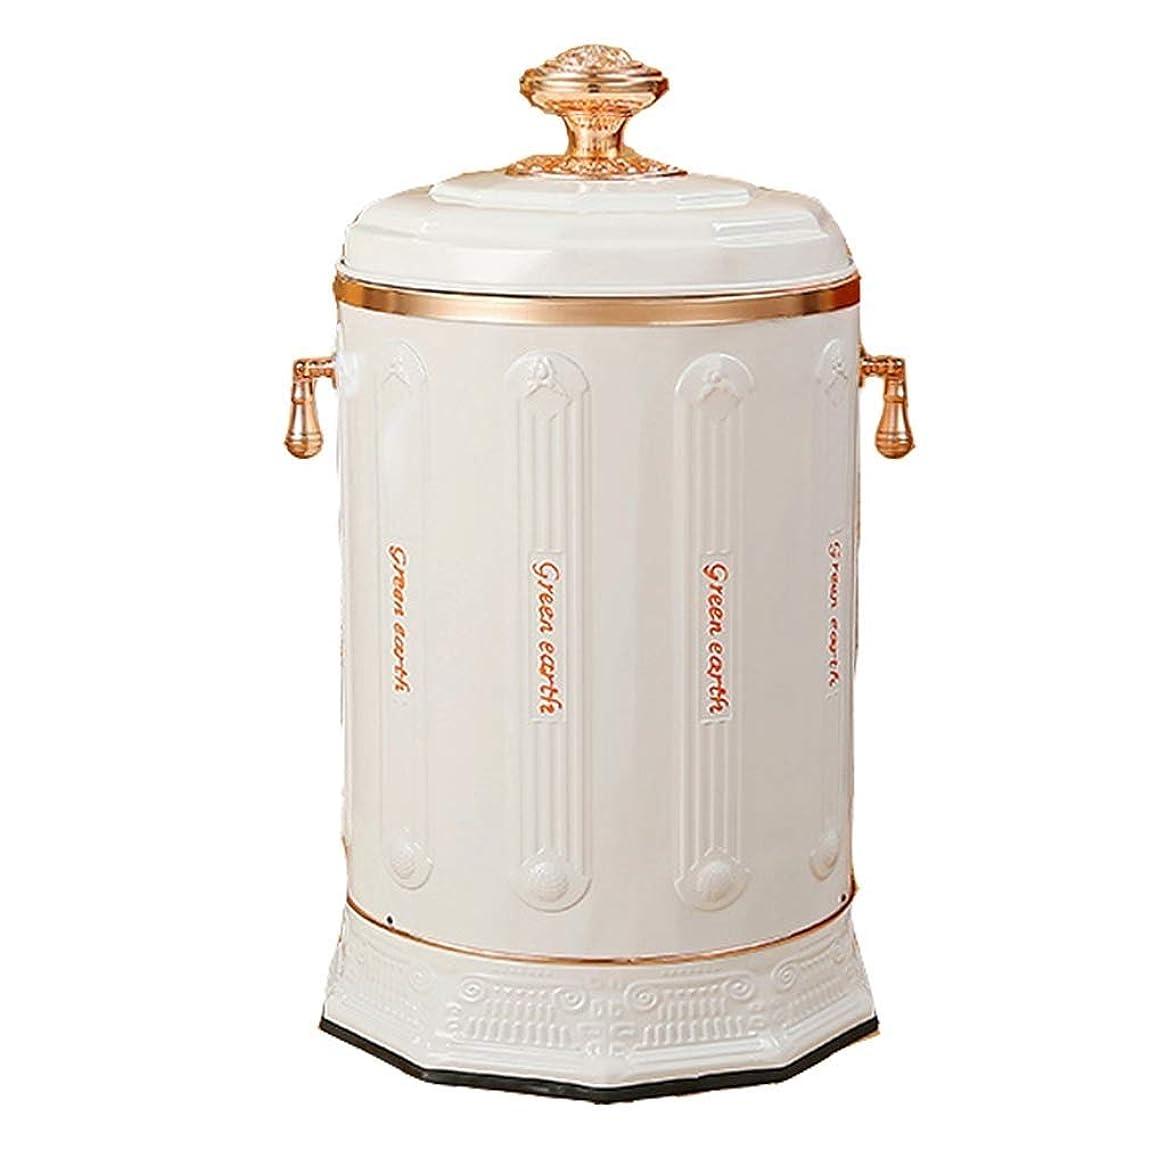 領収書極地拡大するLIRIDP 丸型ゴミ箱ステンレススチール製ゴミ箱リッドレトロ家庭用豪華ゴミ箱屋内用ゴミ箱10L(色:白)